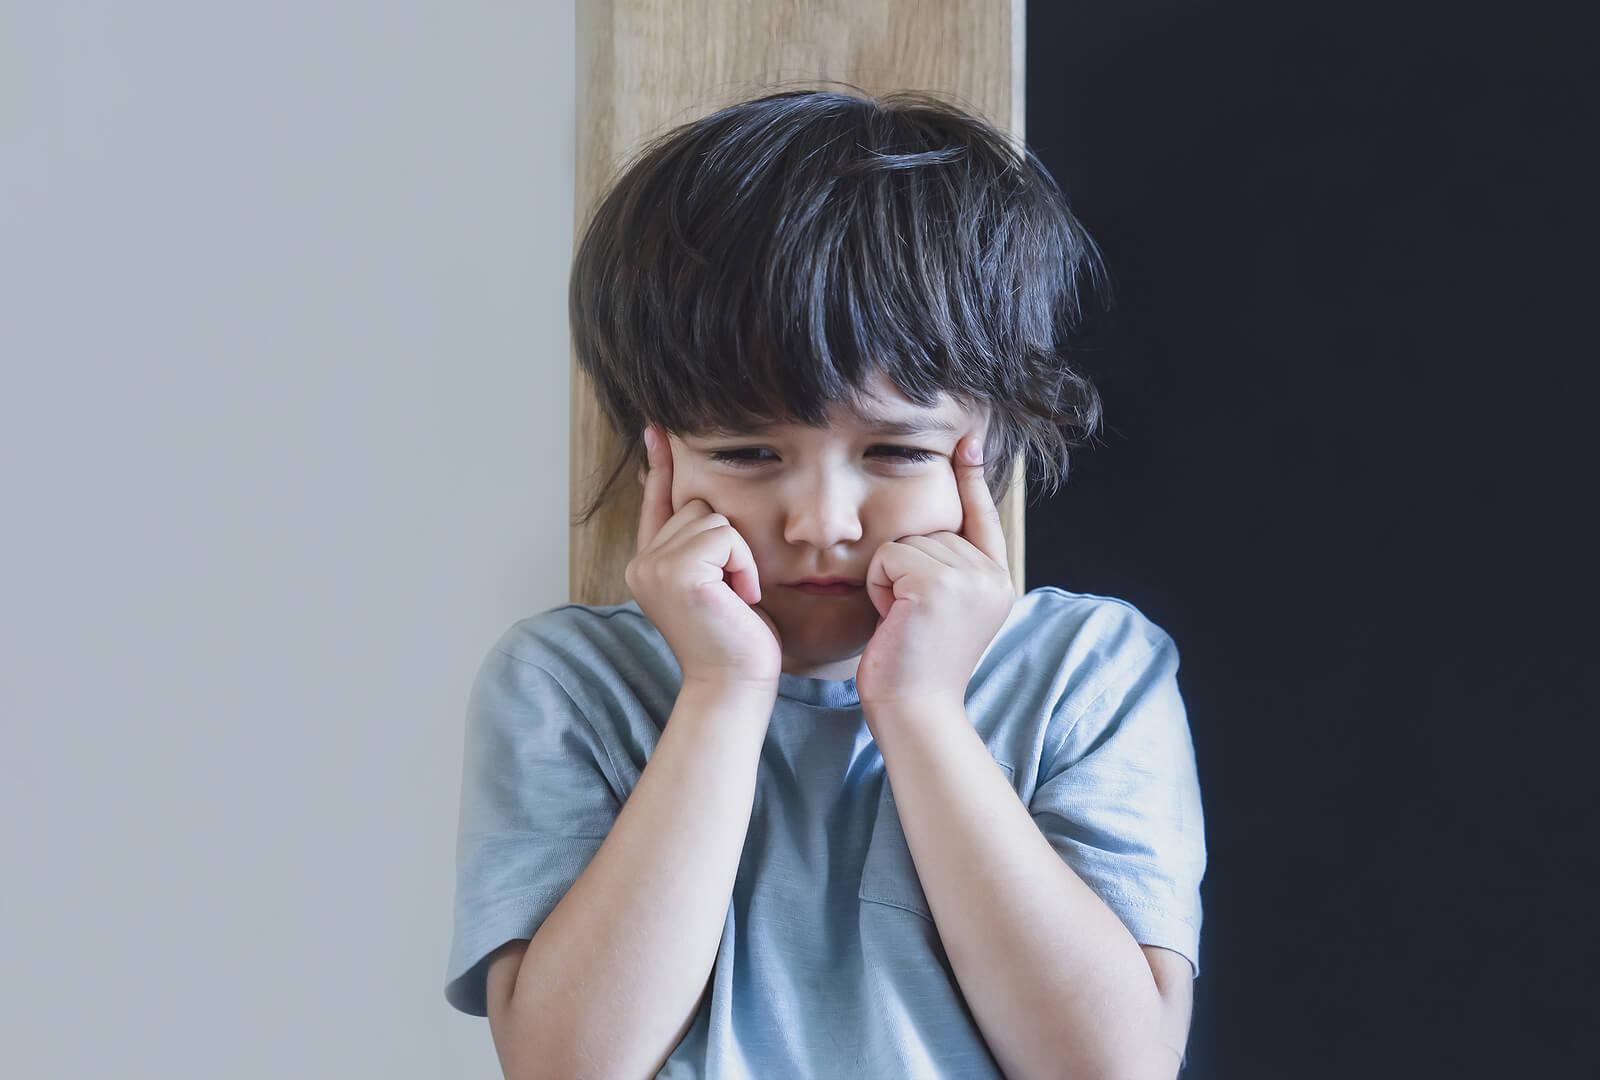 Niño enfadado con las manos en la cara.